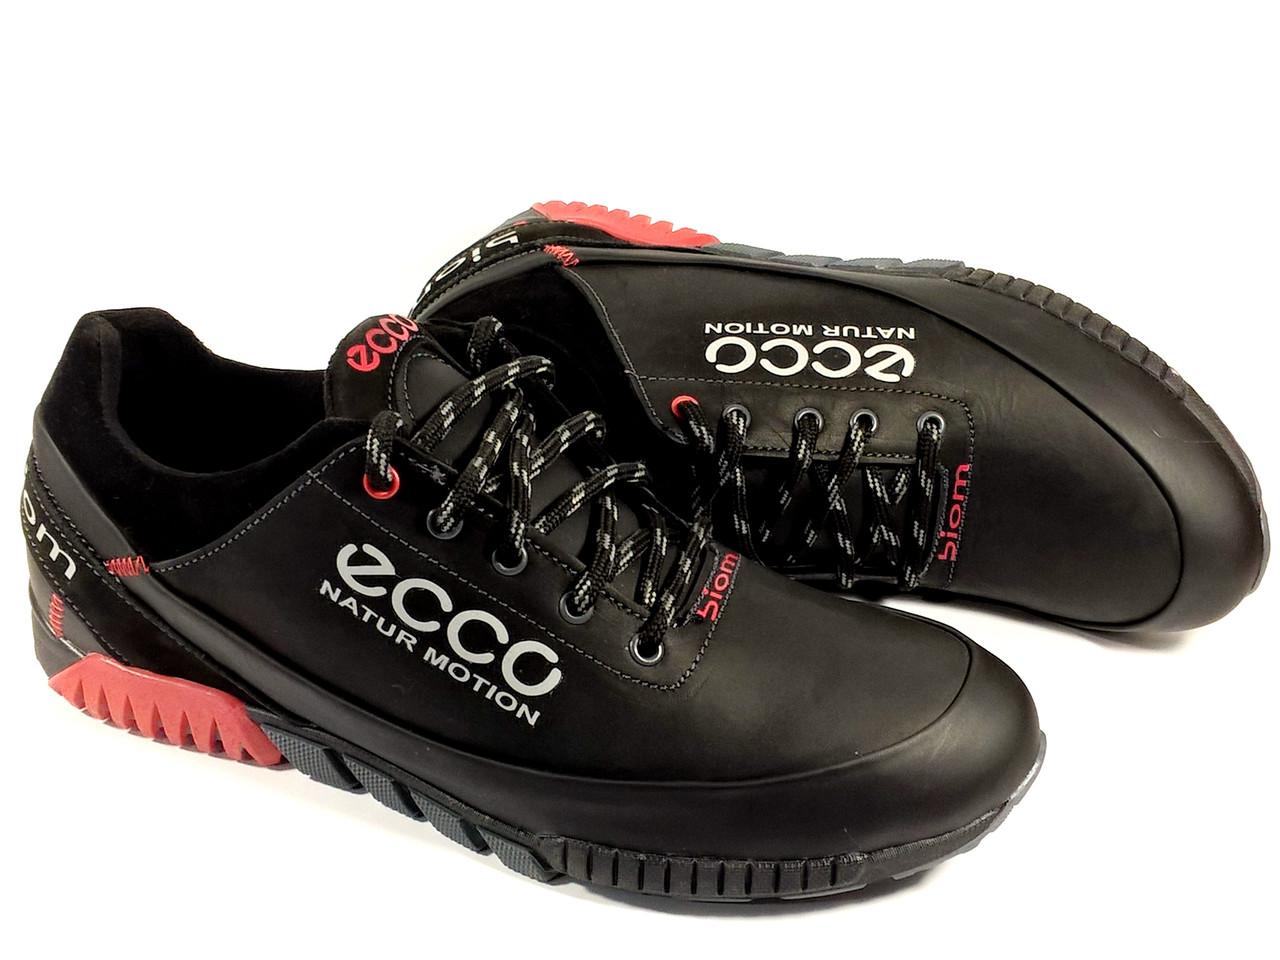 61cbfef0 Мужские кроссовки Ecco E7 чёрные, осень-весна, натуральная кожа -  интернет-магазин